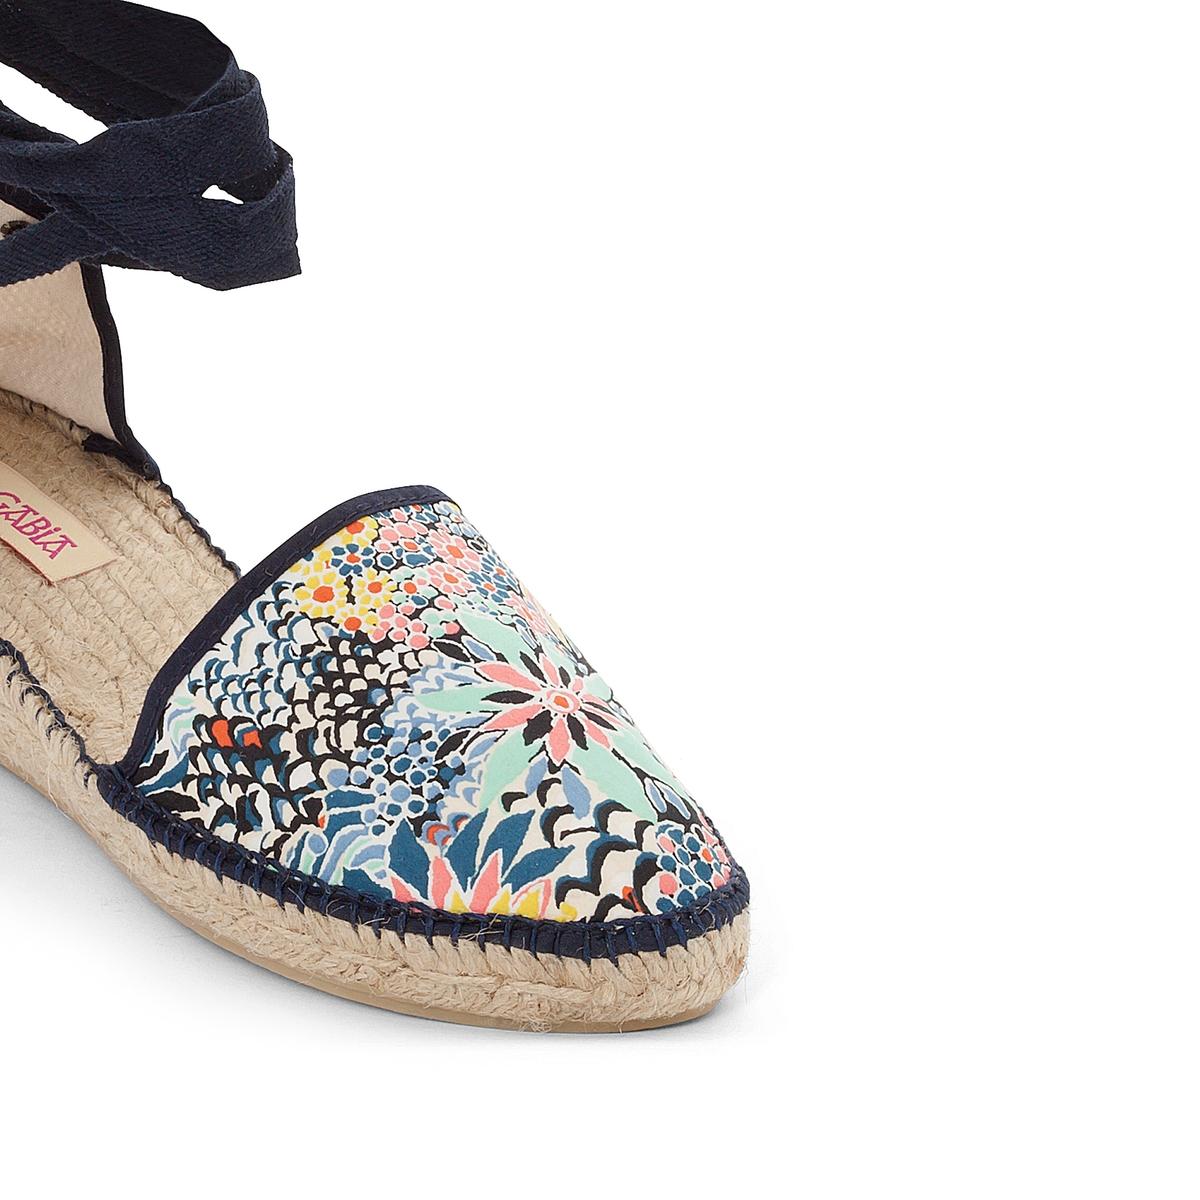 Туфли на танкетке BarthВерх: текстиль.Стелька: шнур.Подошва: каучук.Высота каблука: 5 см.Форма каблука:   танкетка.Мысок: закругленный.Застежка: на завязках.<br><br>Цвет: синий/наб. рисунок